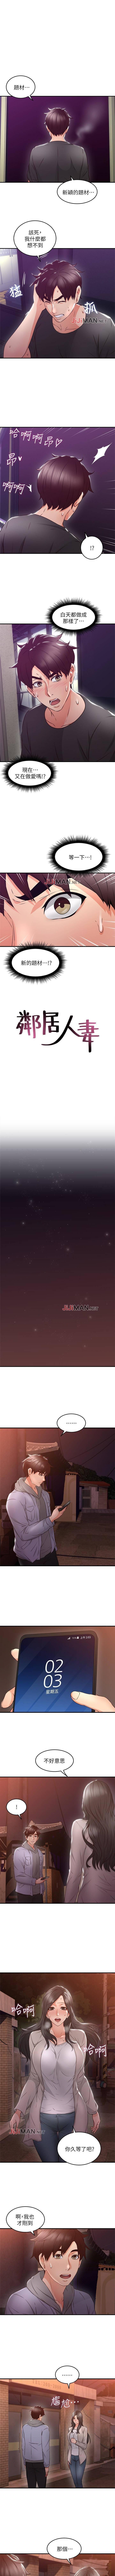 【周六更新】邻居人妻(作者:李周元 & 頸枕) 第1~50话 93